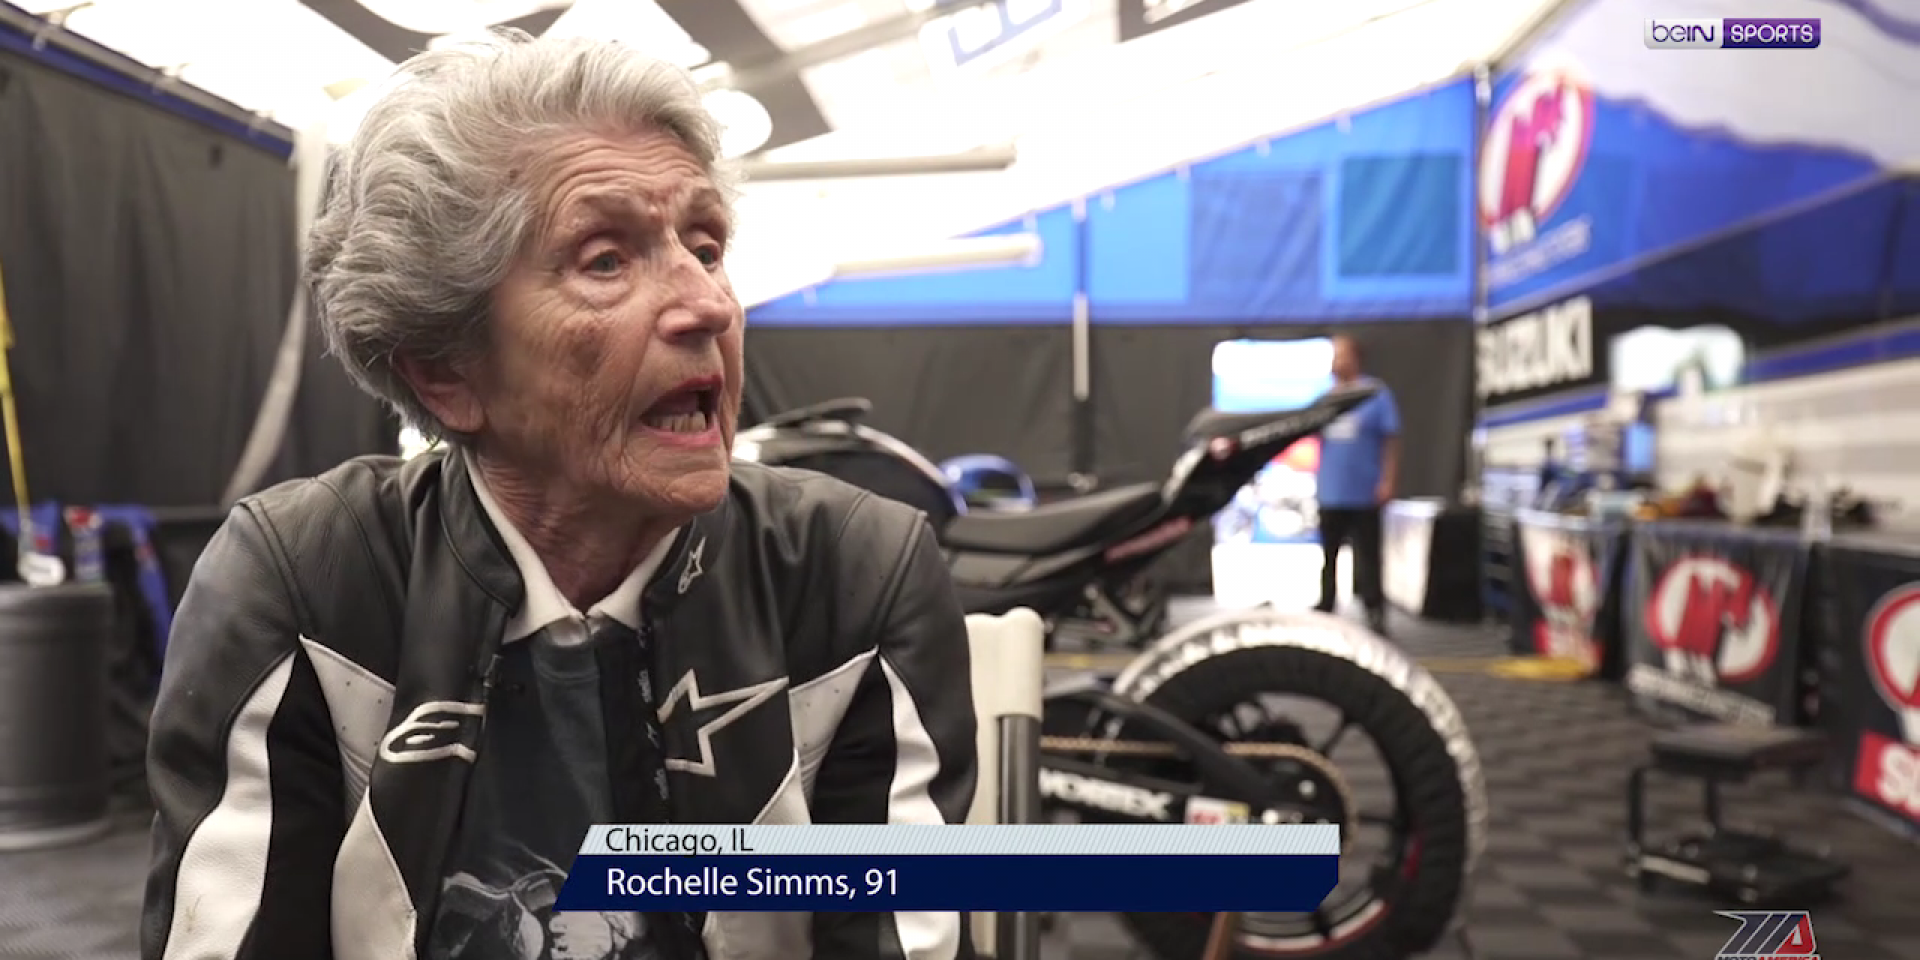 阿嬤膽子都比你大,91歲的時候你敢騎多快?